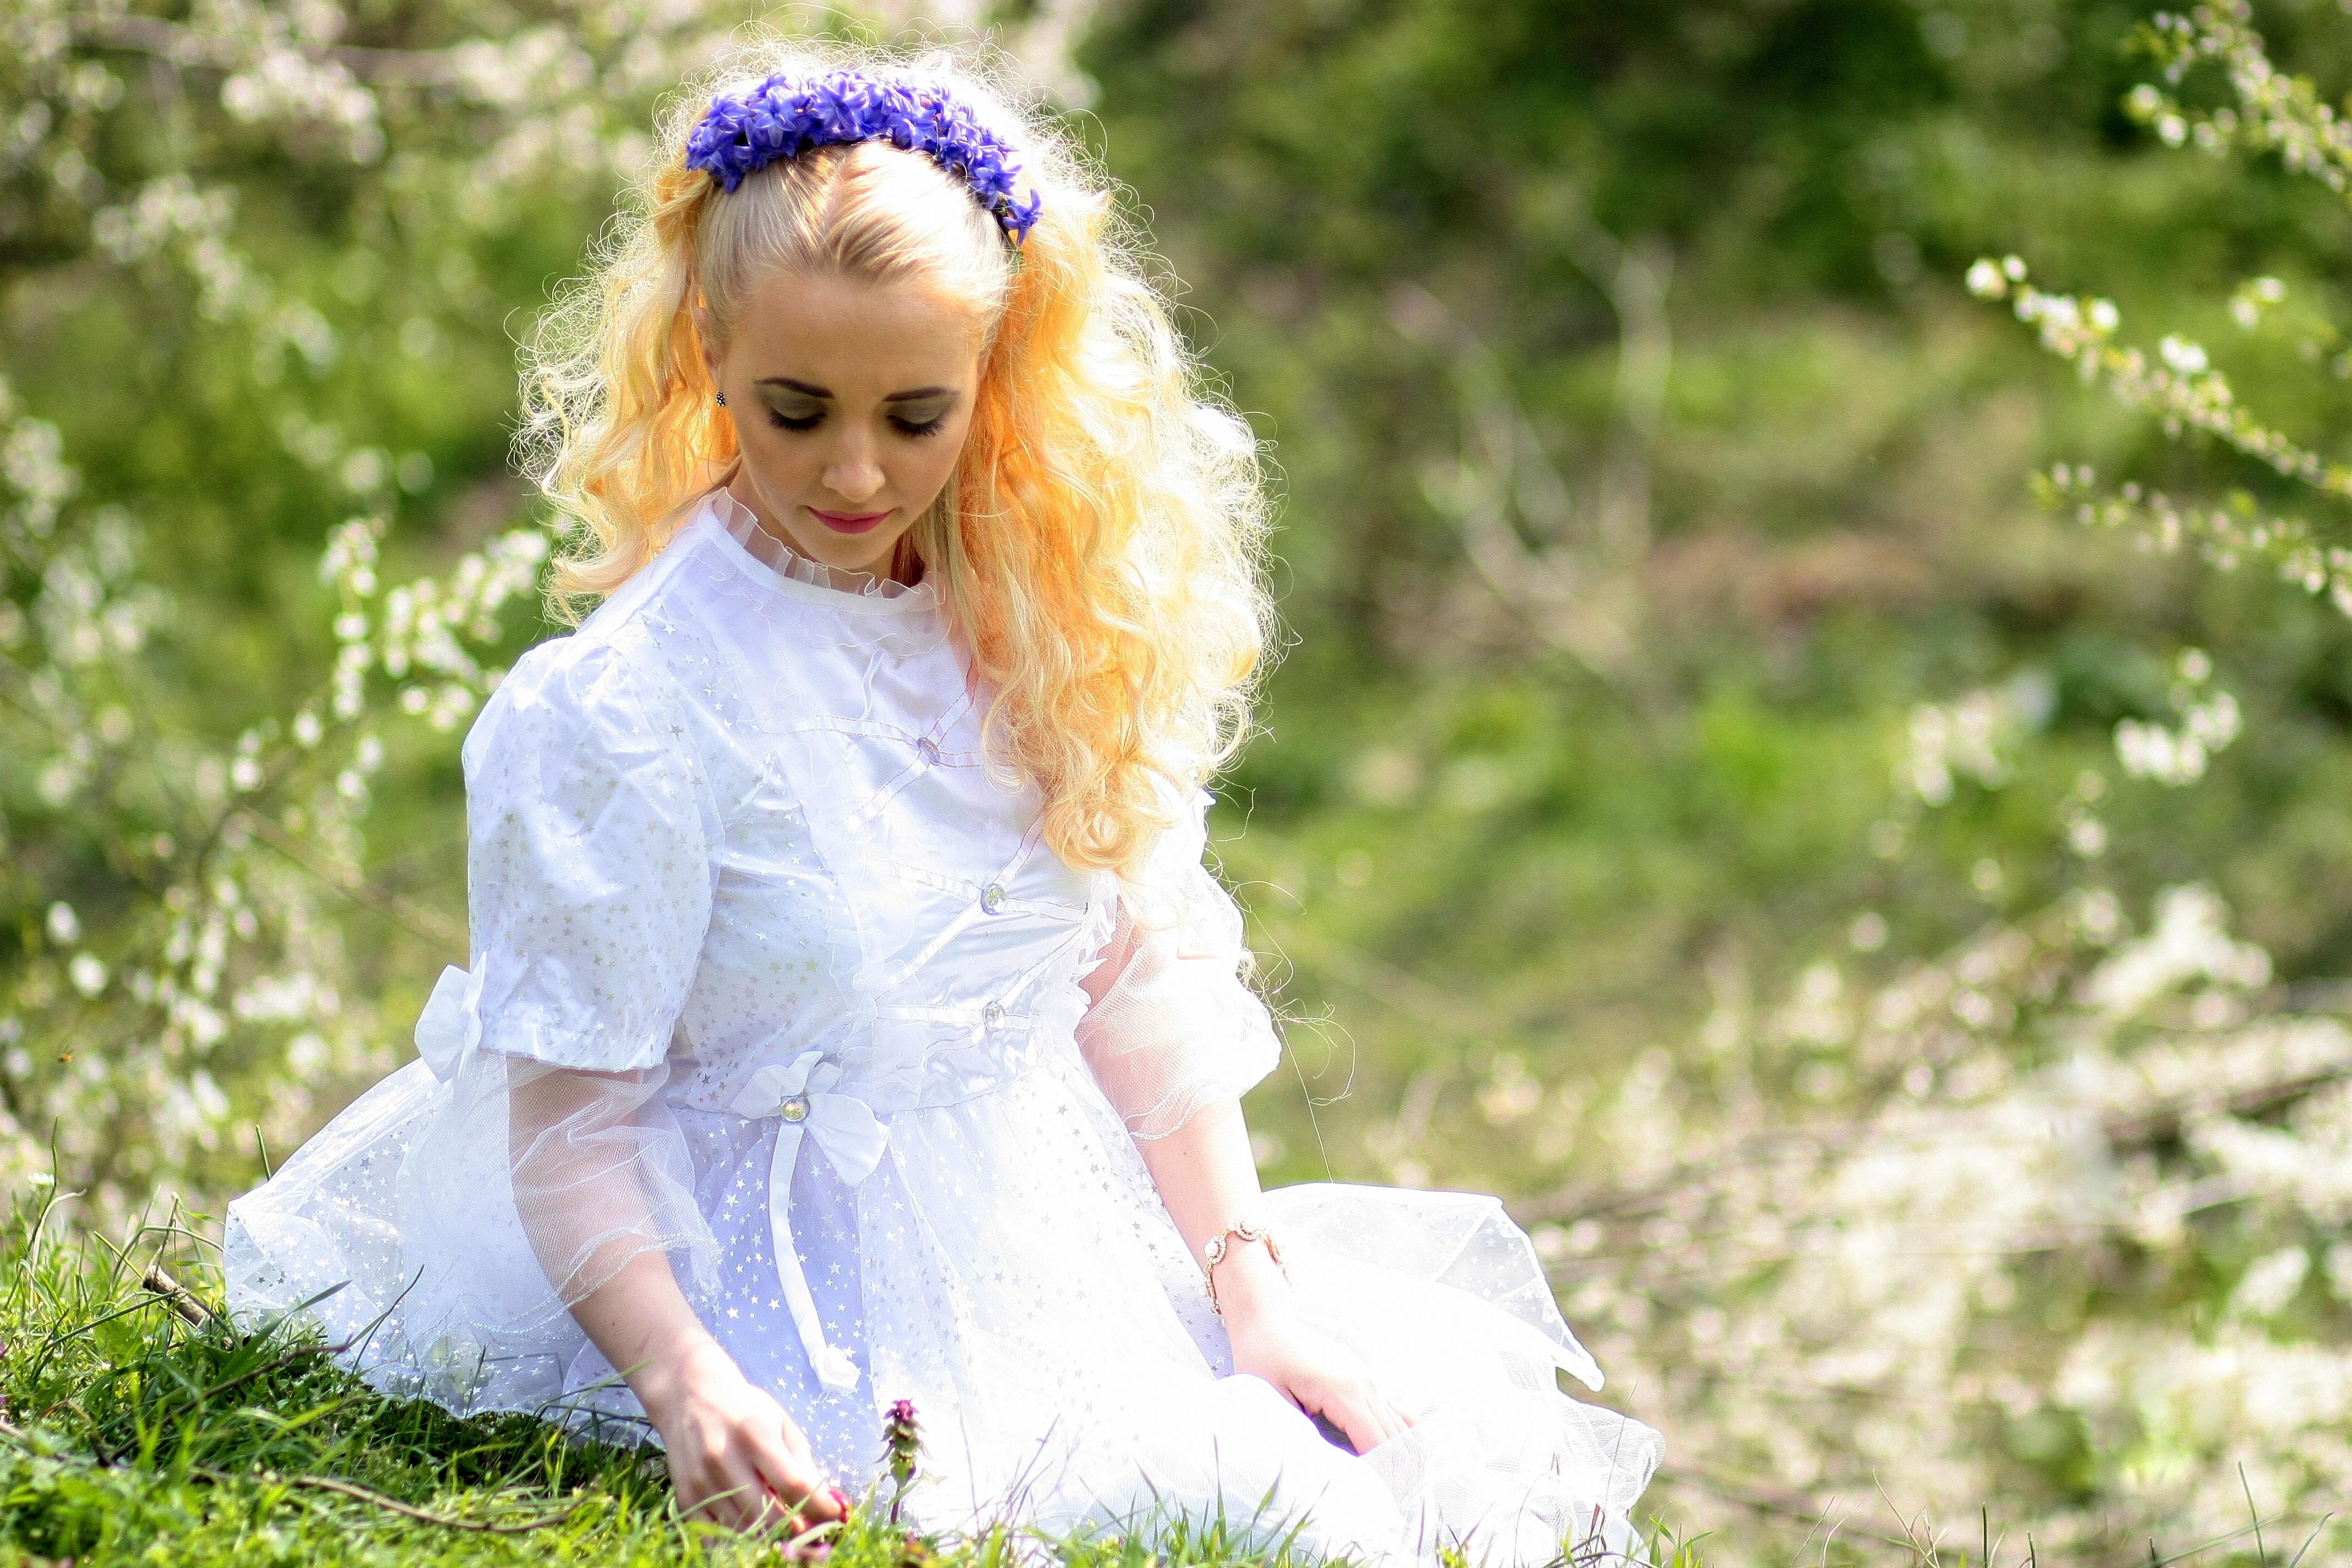 903f33f28cb1 person pige hvid fotografering eng blomst forår barn brud blond krans  blomster træer kjole lille barn